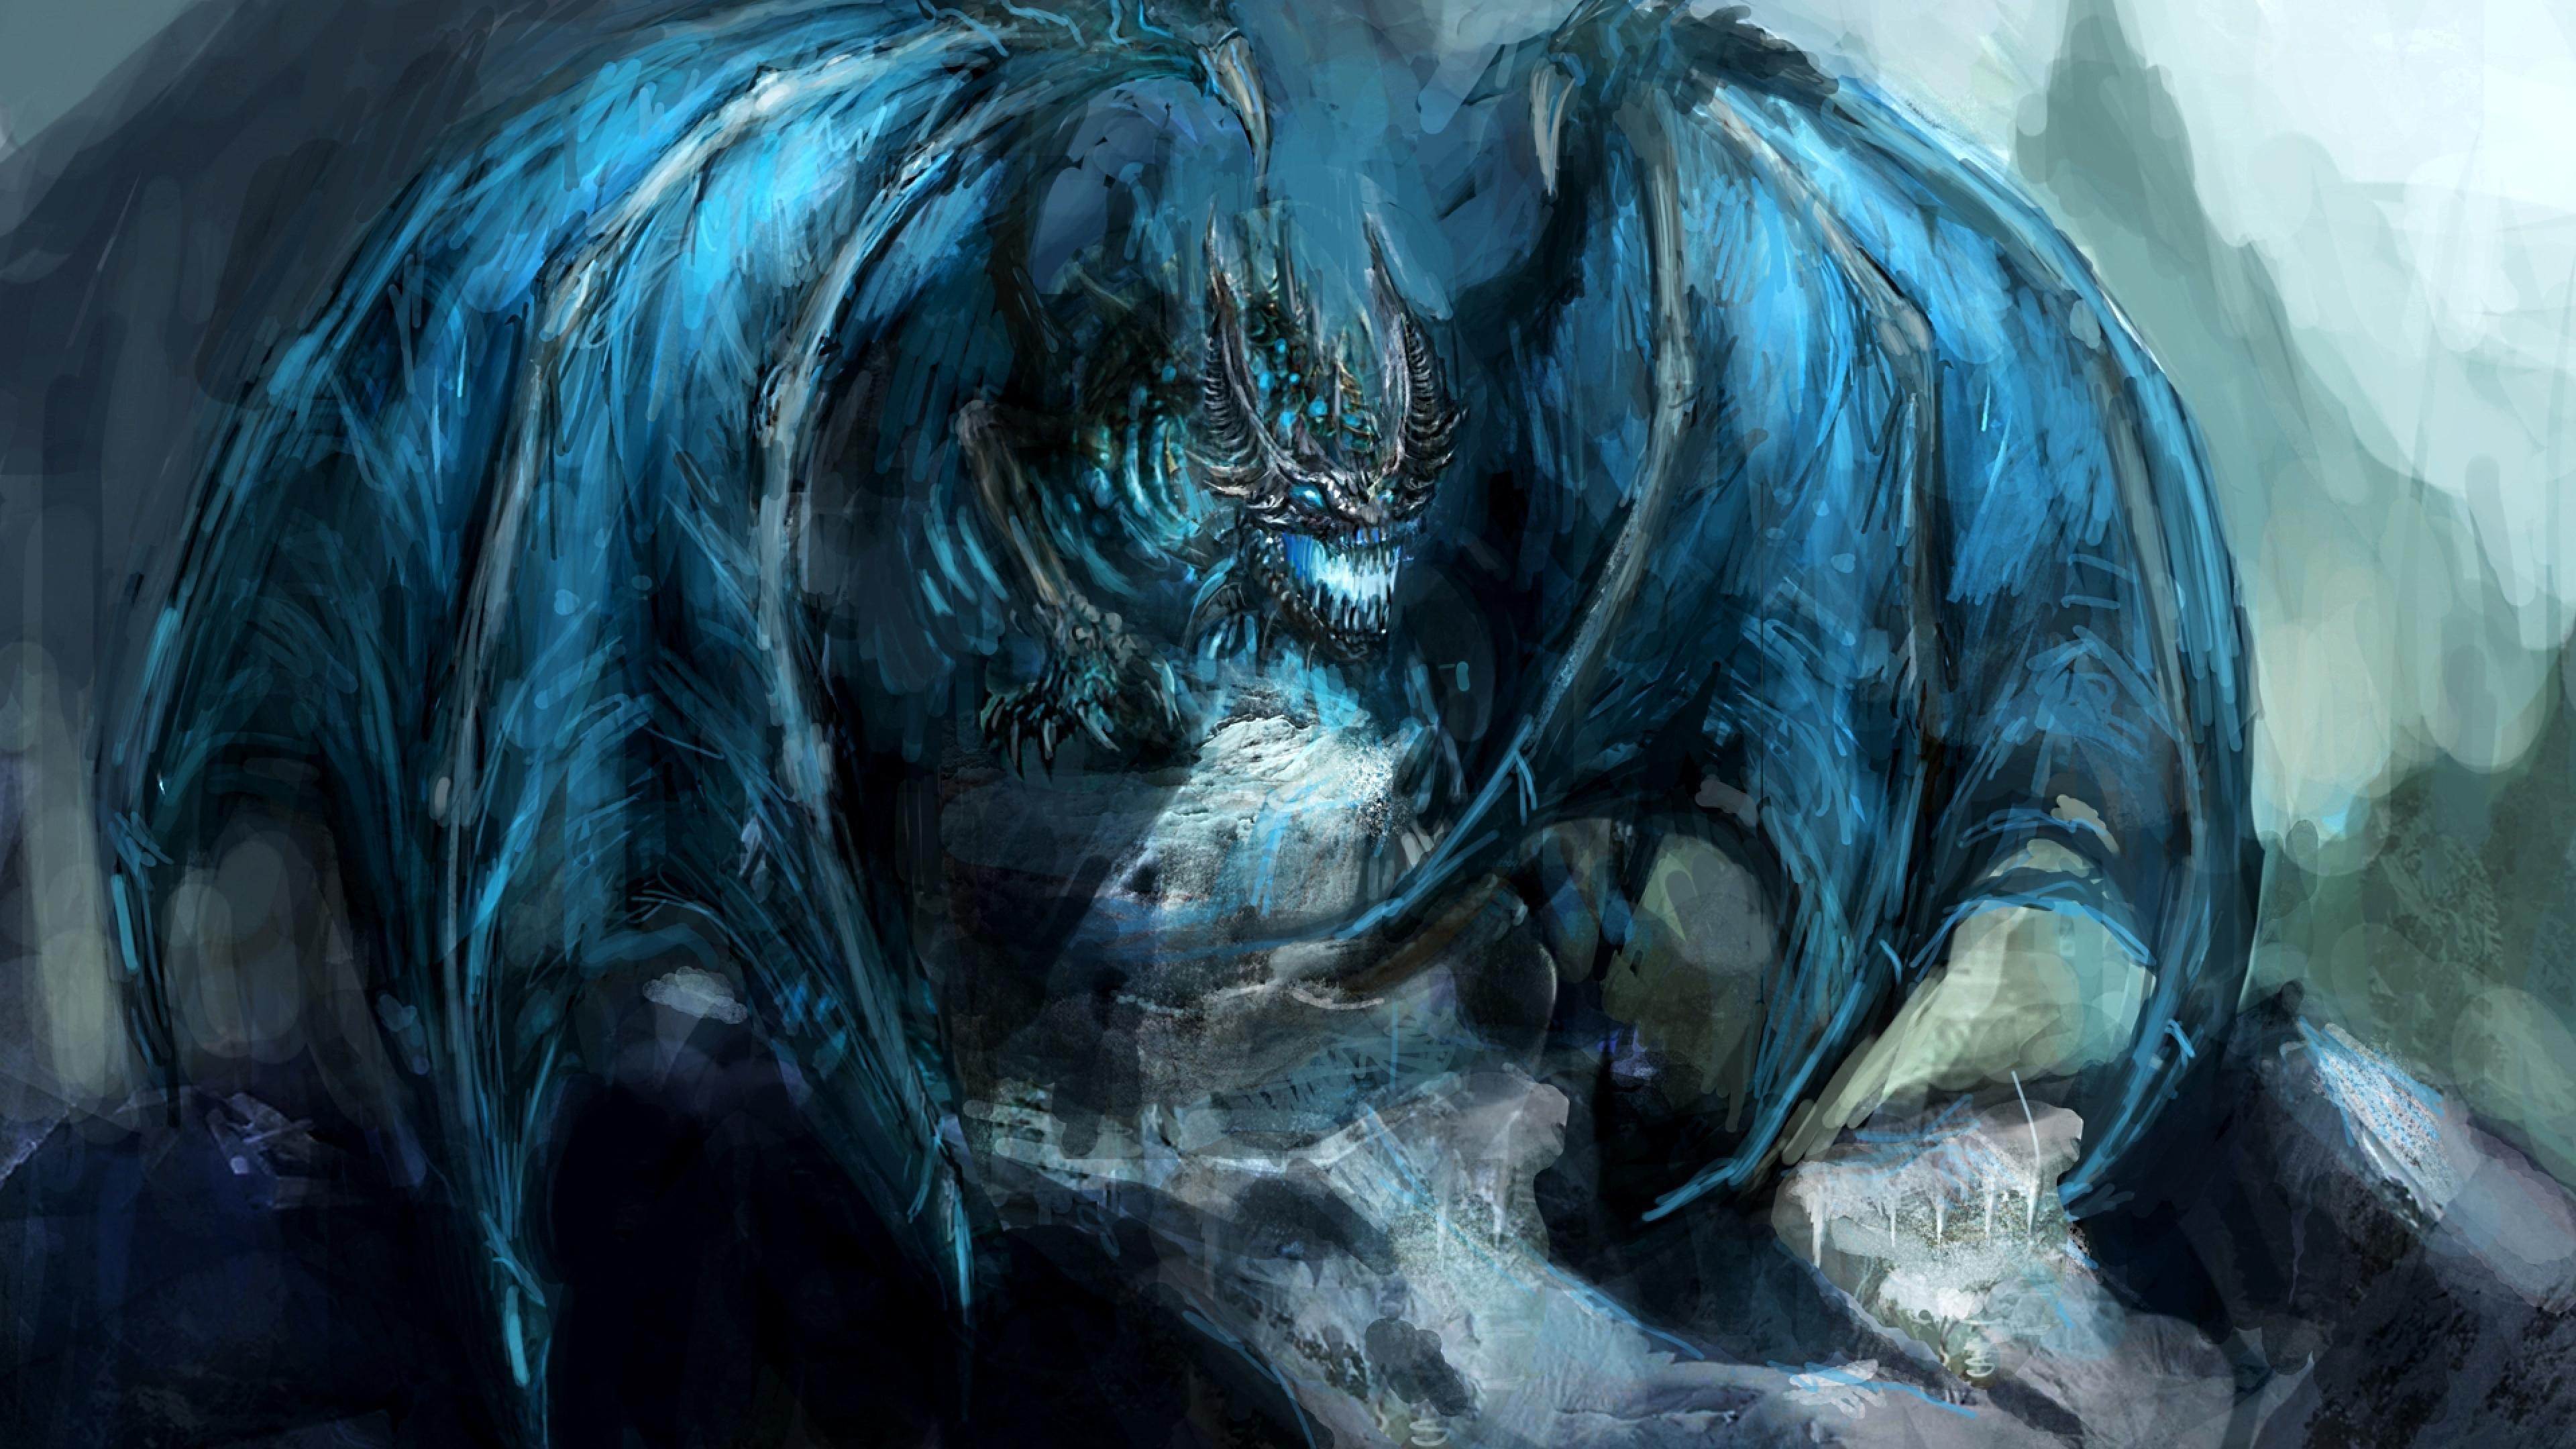 wallpaper.wiki-Ice-Dragon-Wallpaper-PIC-WPE003620